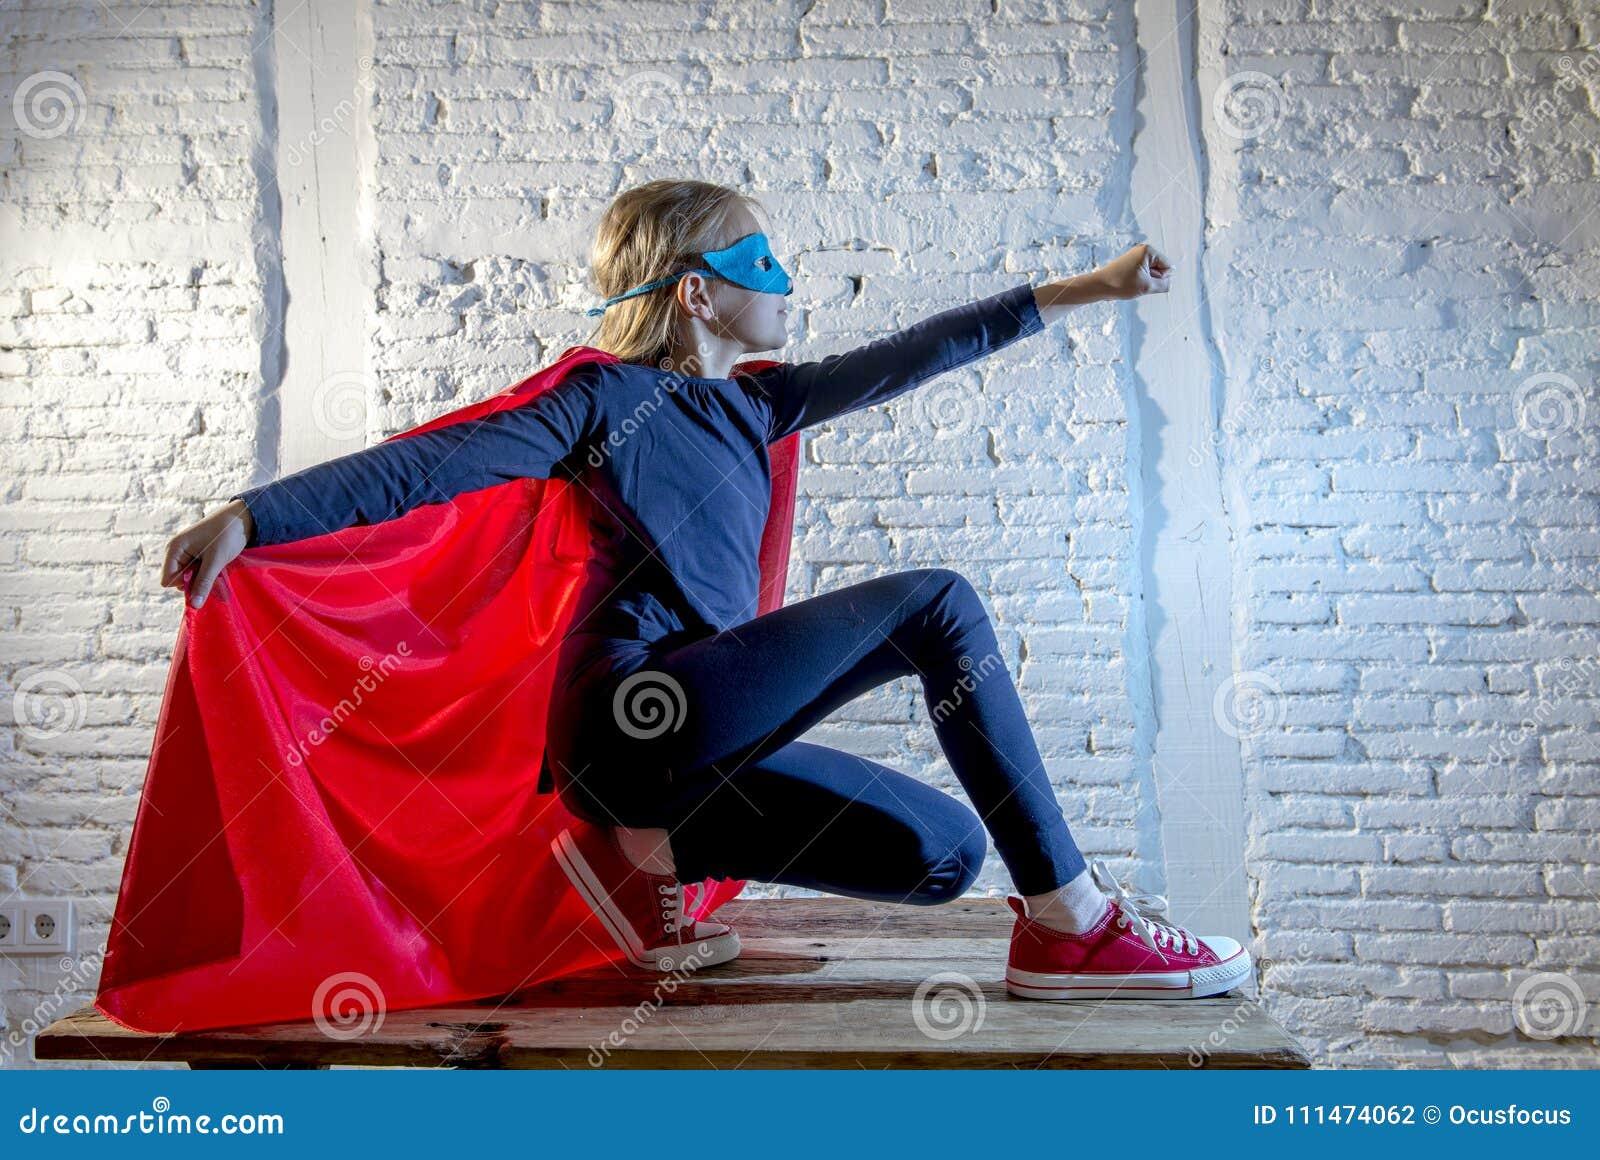 执行愉快和激动的摆在的佩带的盖帽和面具的女孩7或8岁女孩在特级英雄幻想服装lo